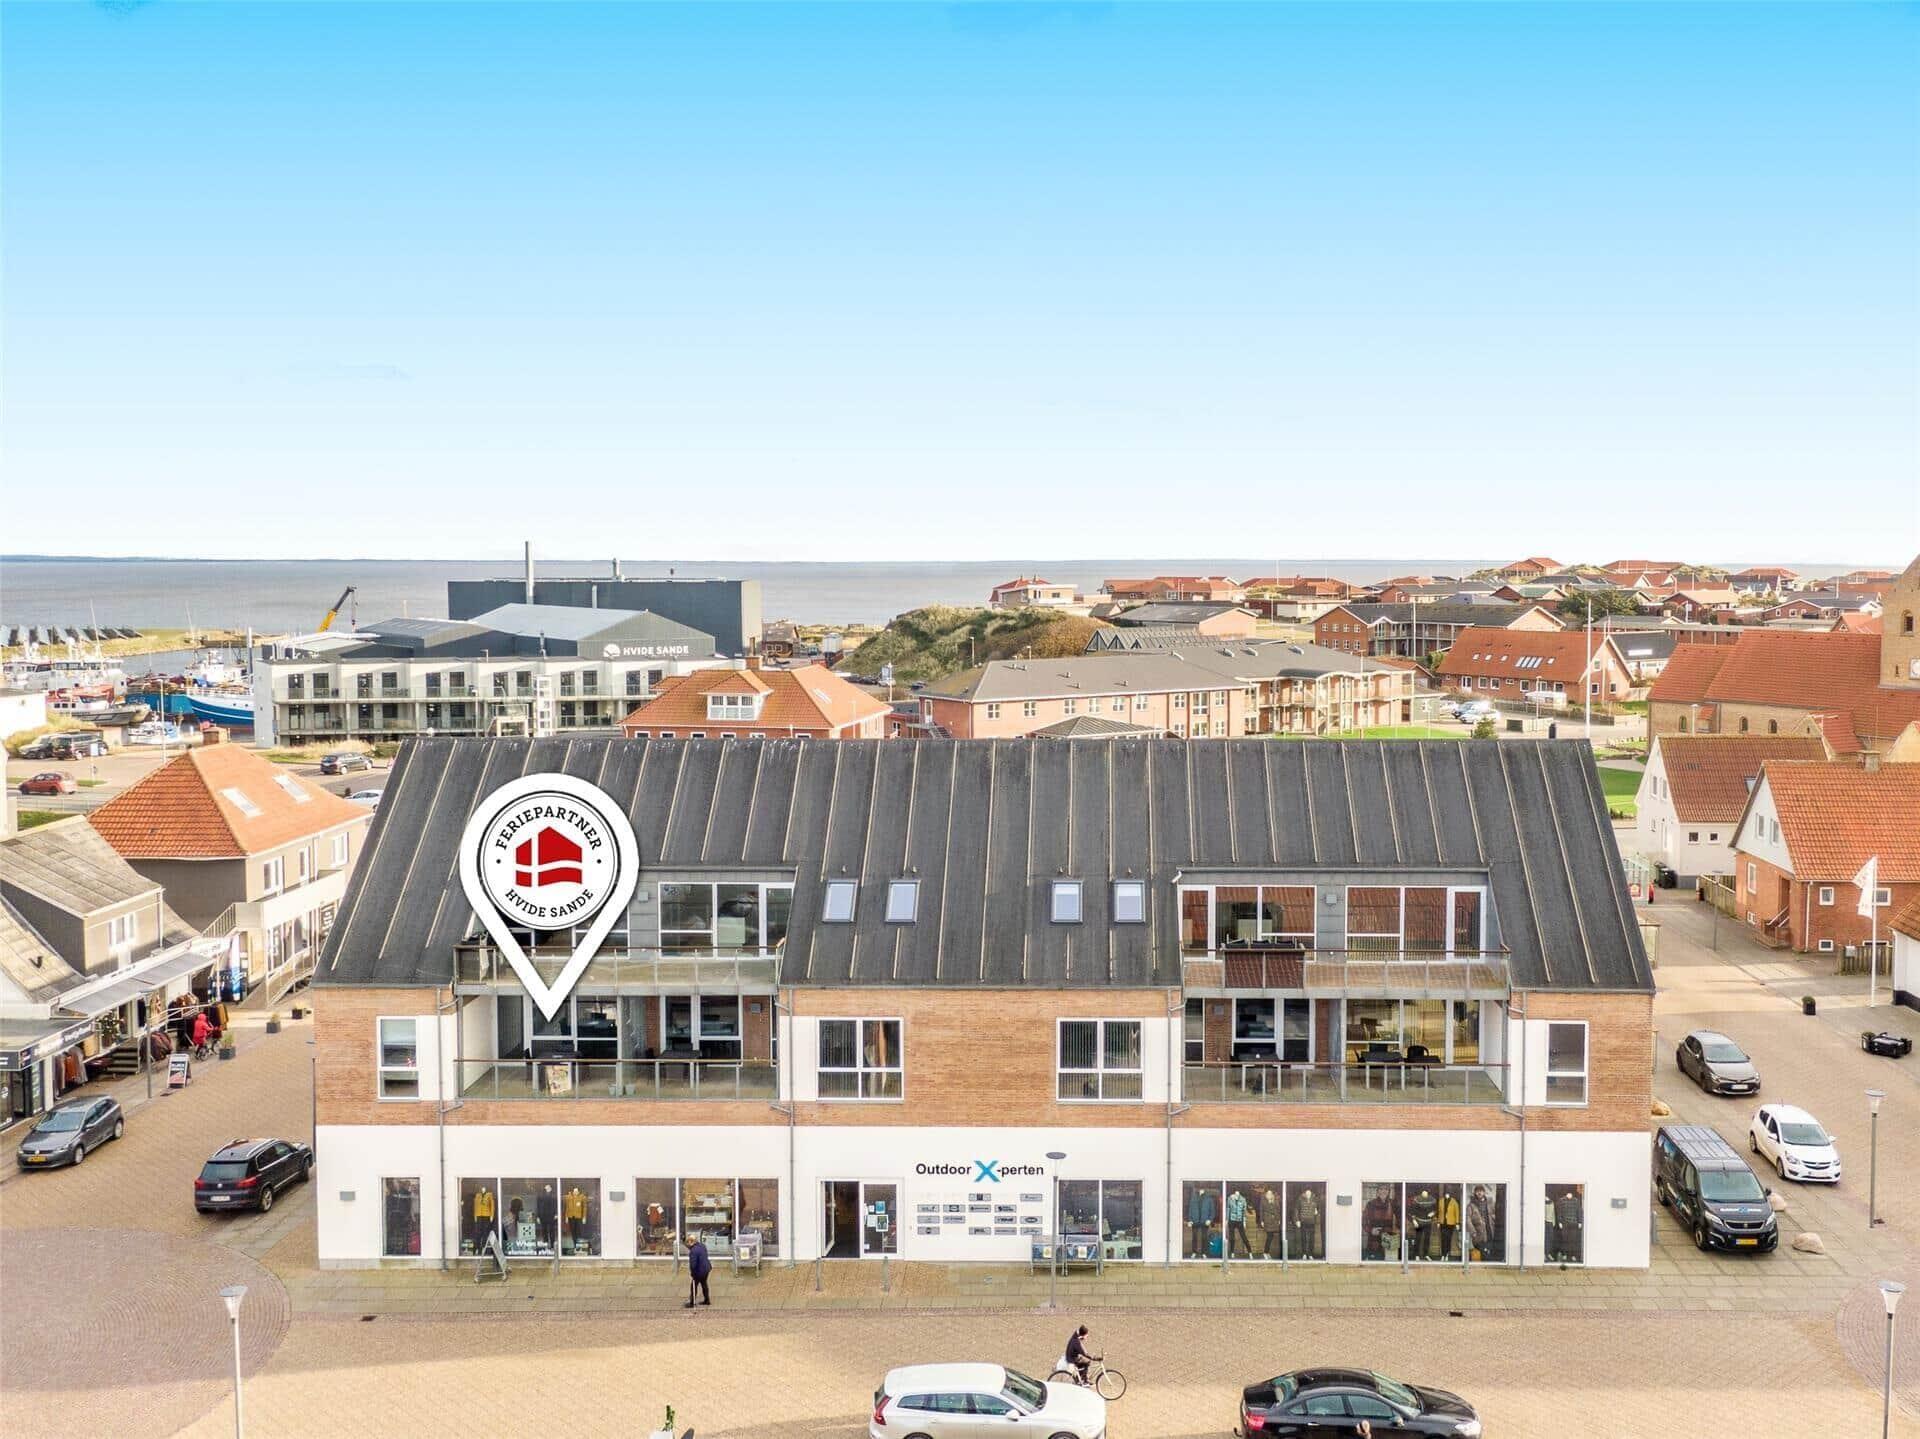 Afbeelding 1-4 Vakantiehuis 794, Strandgade 6, DK - 6960 Hvide Sande